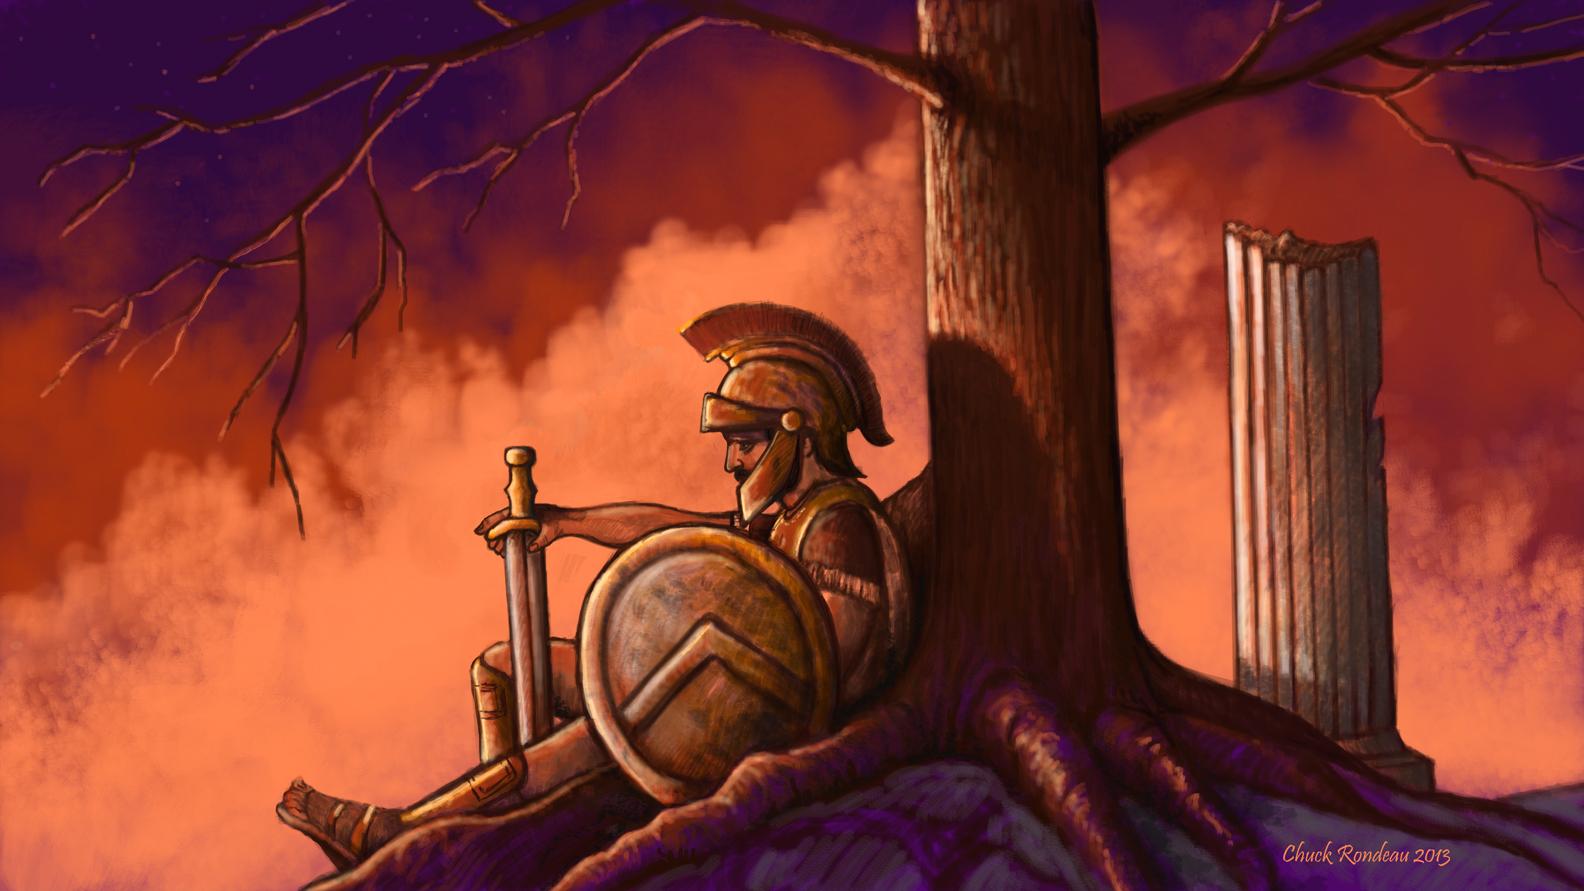 Battle Weary Spartan by ChuckRondeau